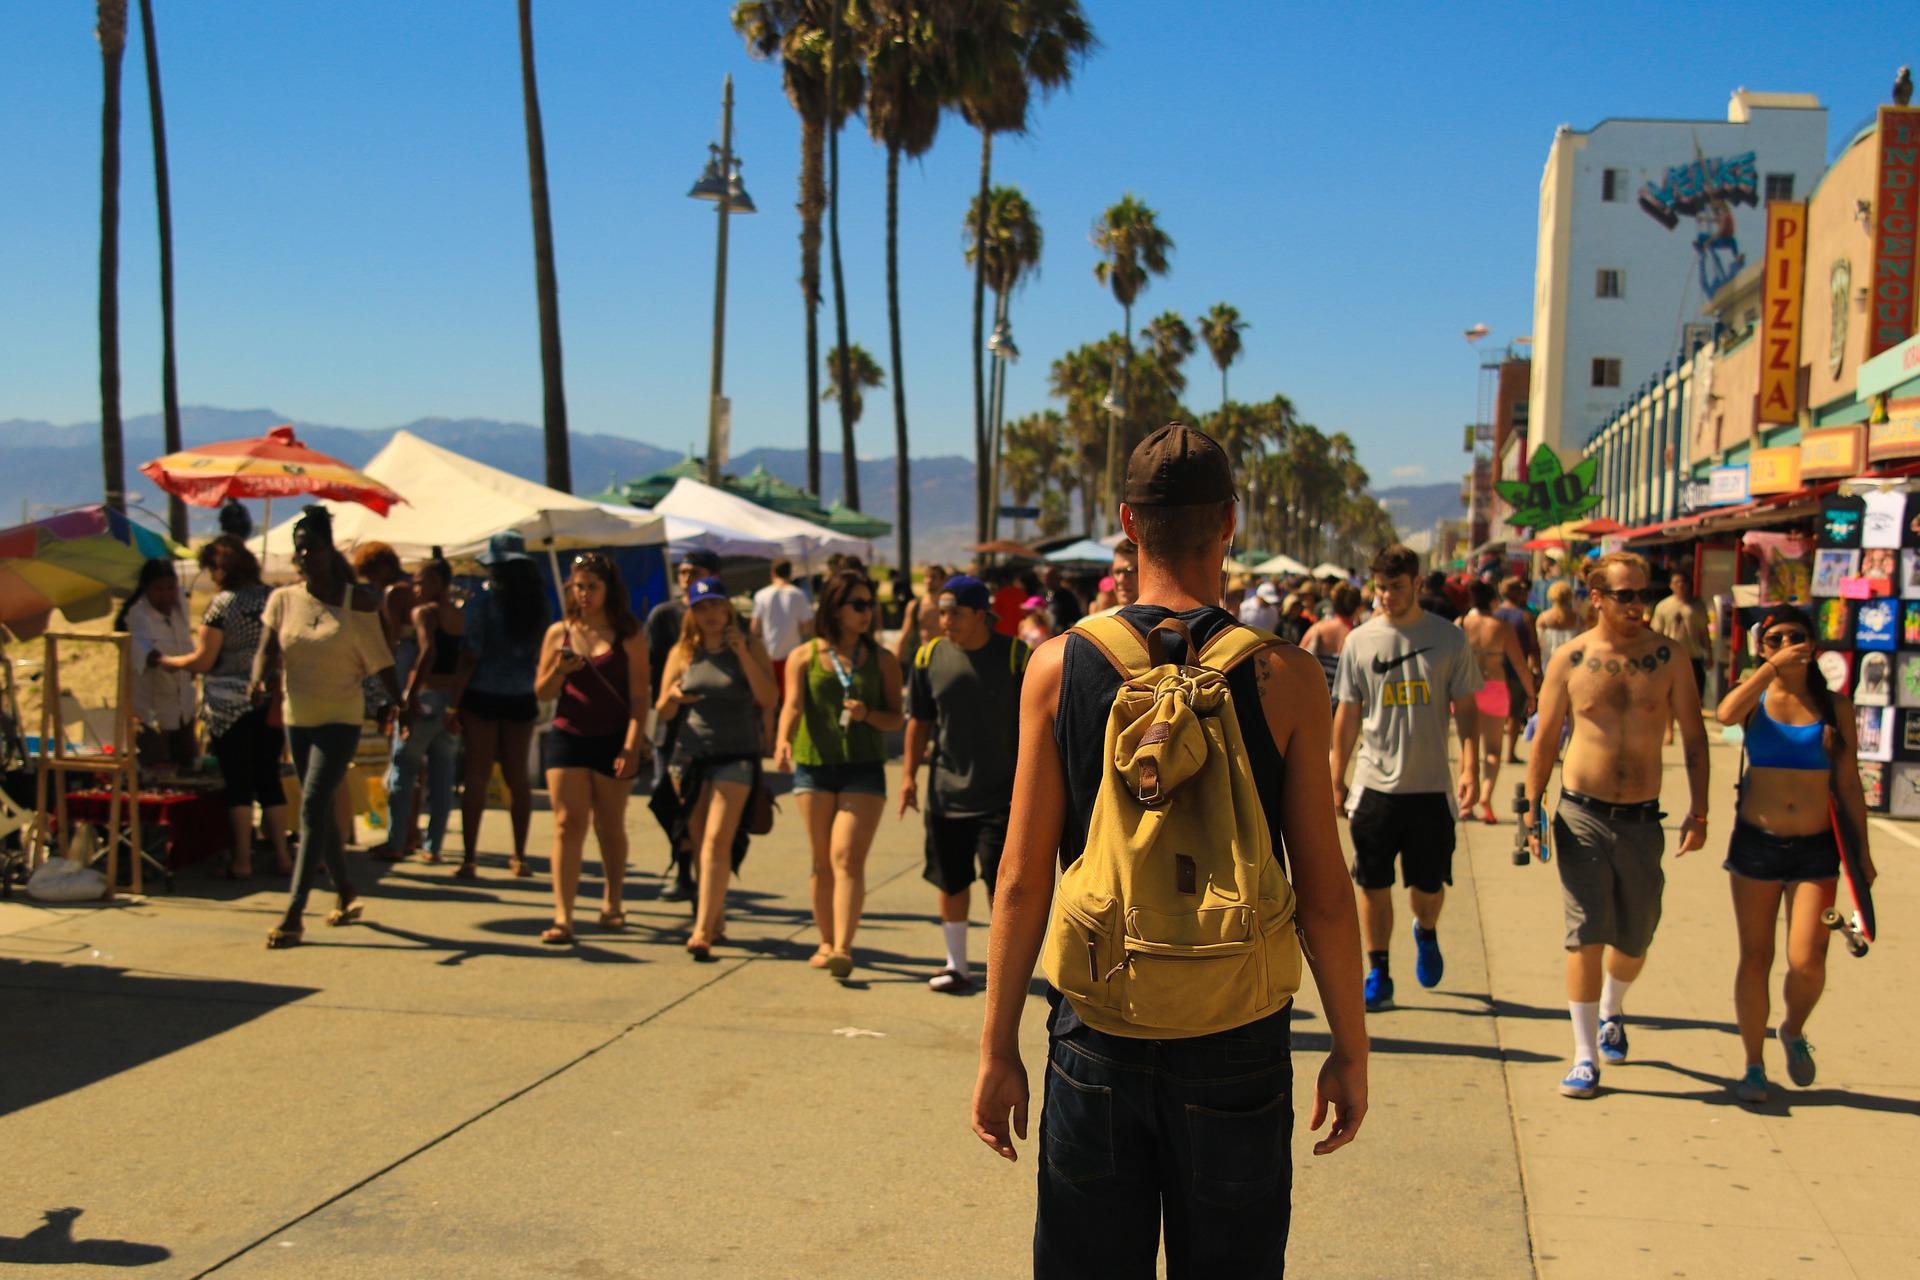 Нові реалії поїздок: головні ризики, про які варто пам'ятати туристам у 2021 році